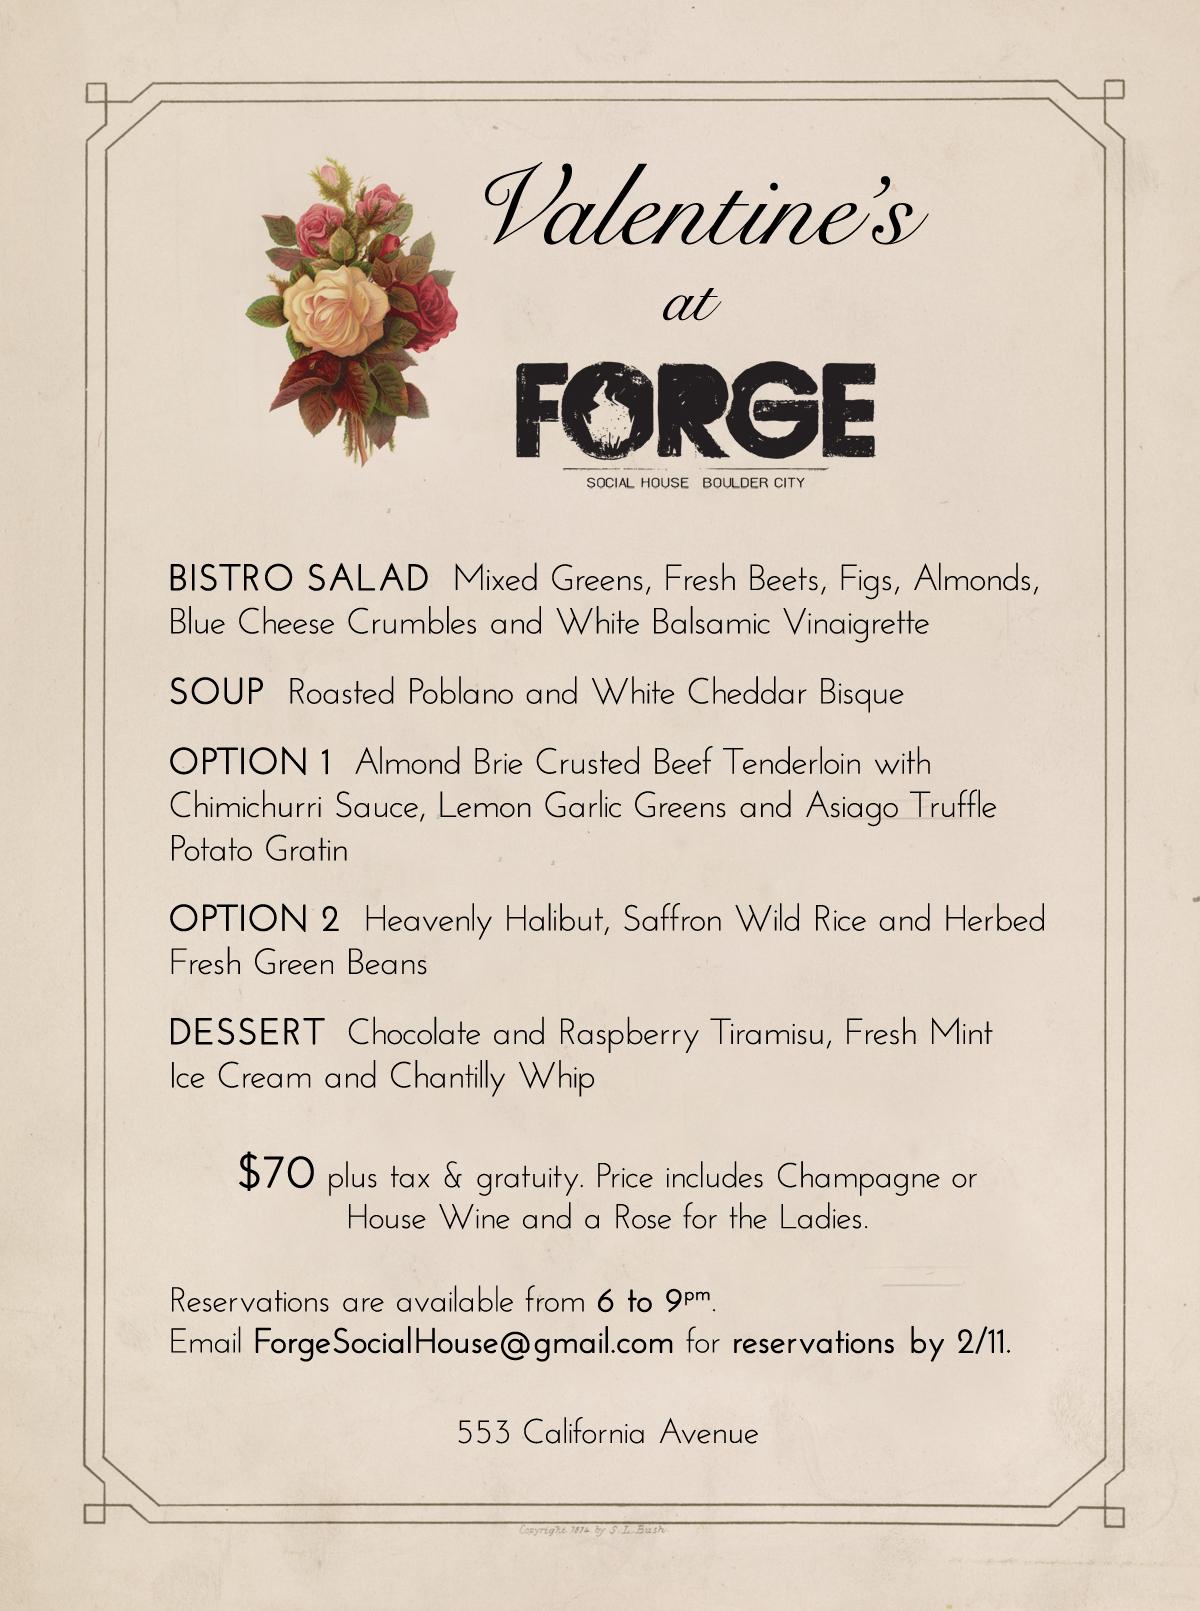 Valentine's Day at Forge 2018 Boulder City, NV